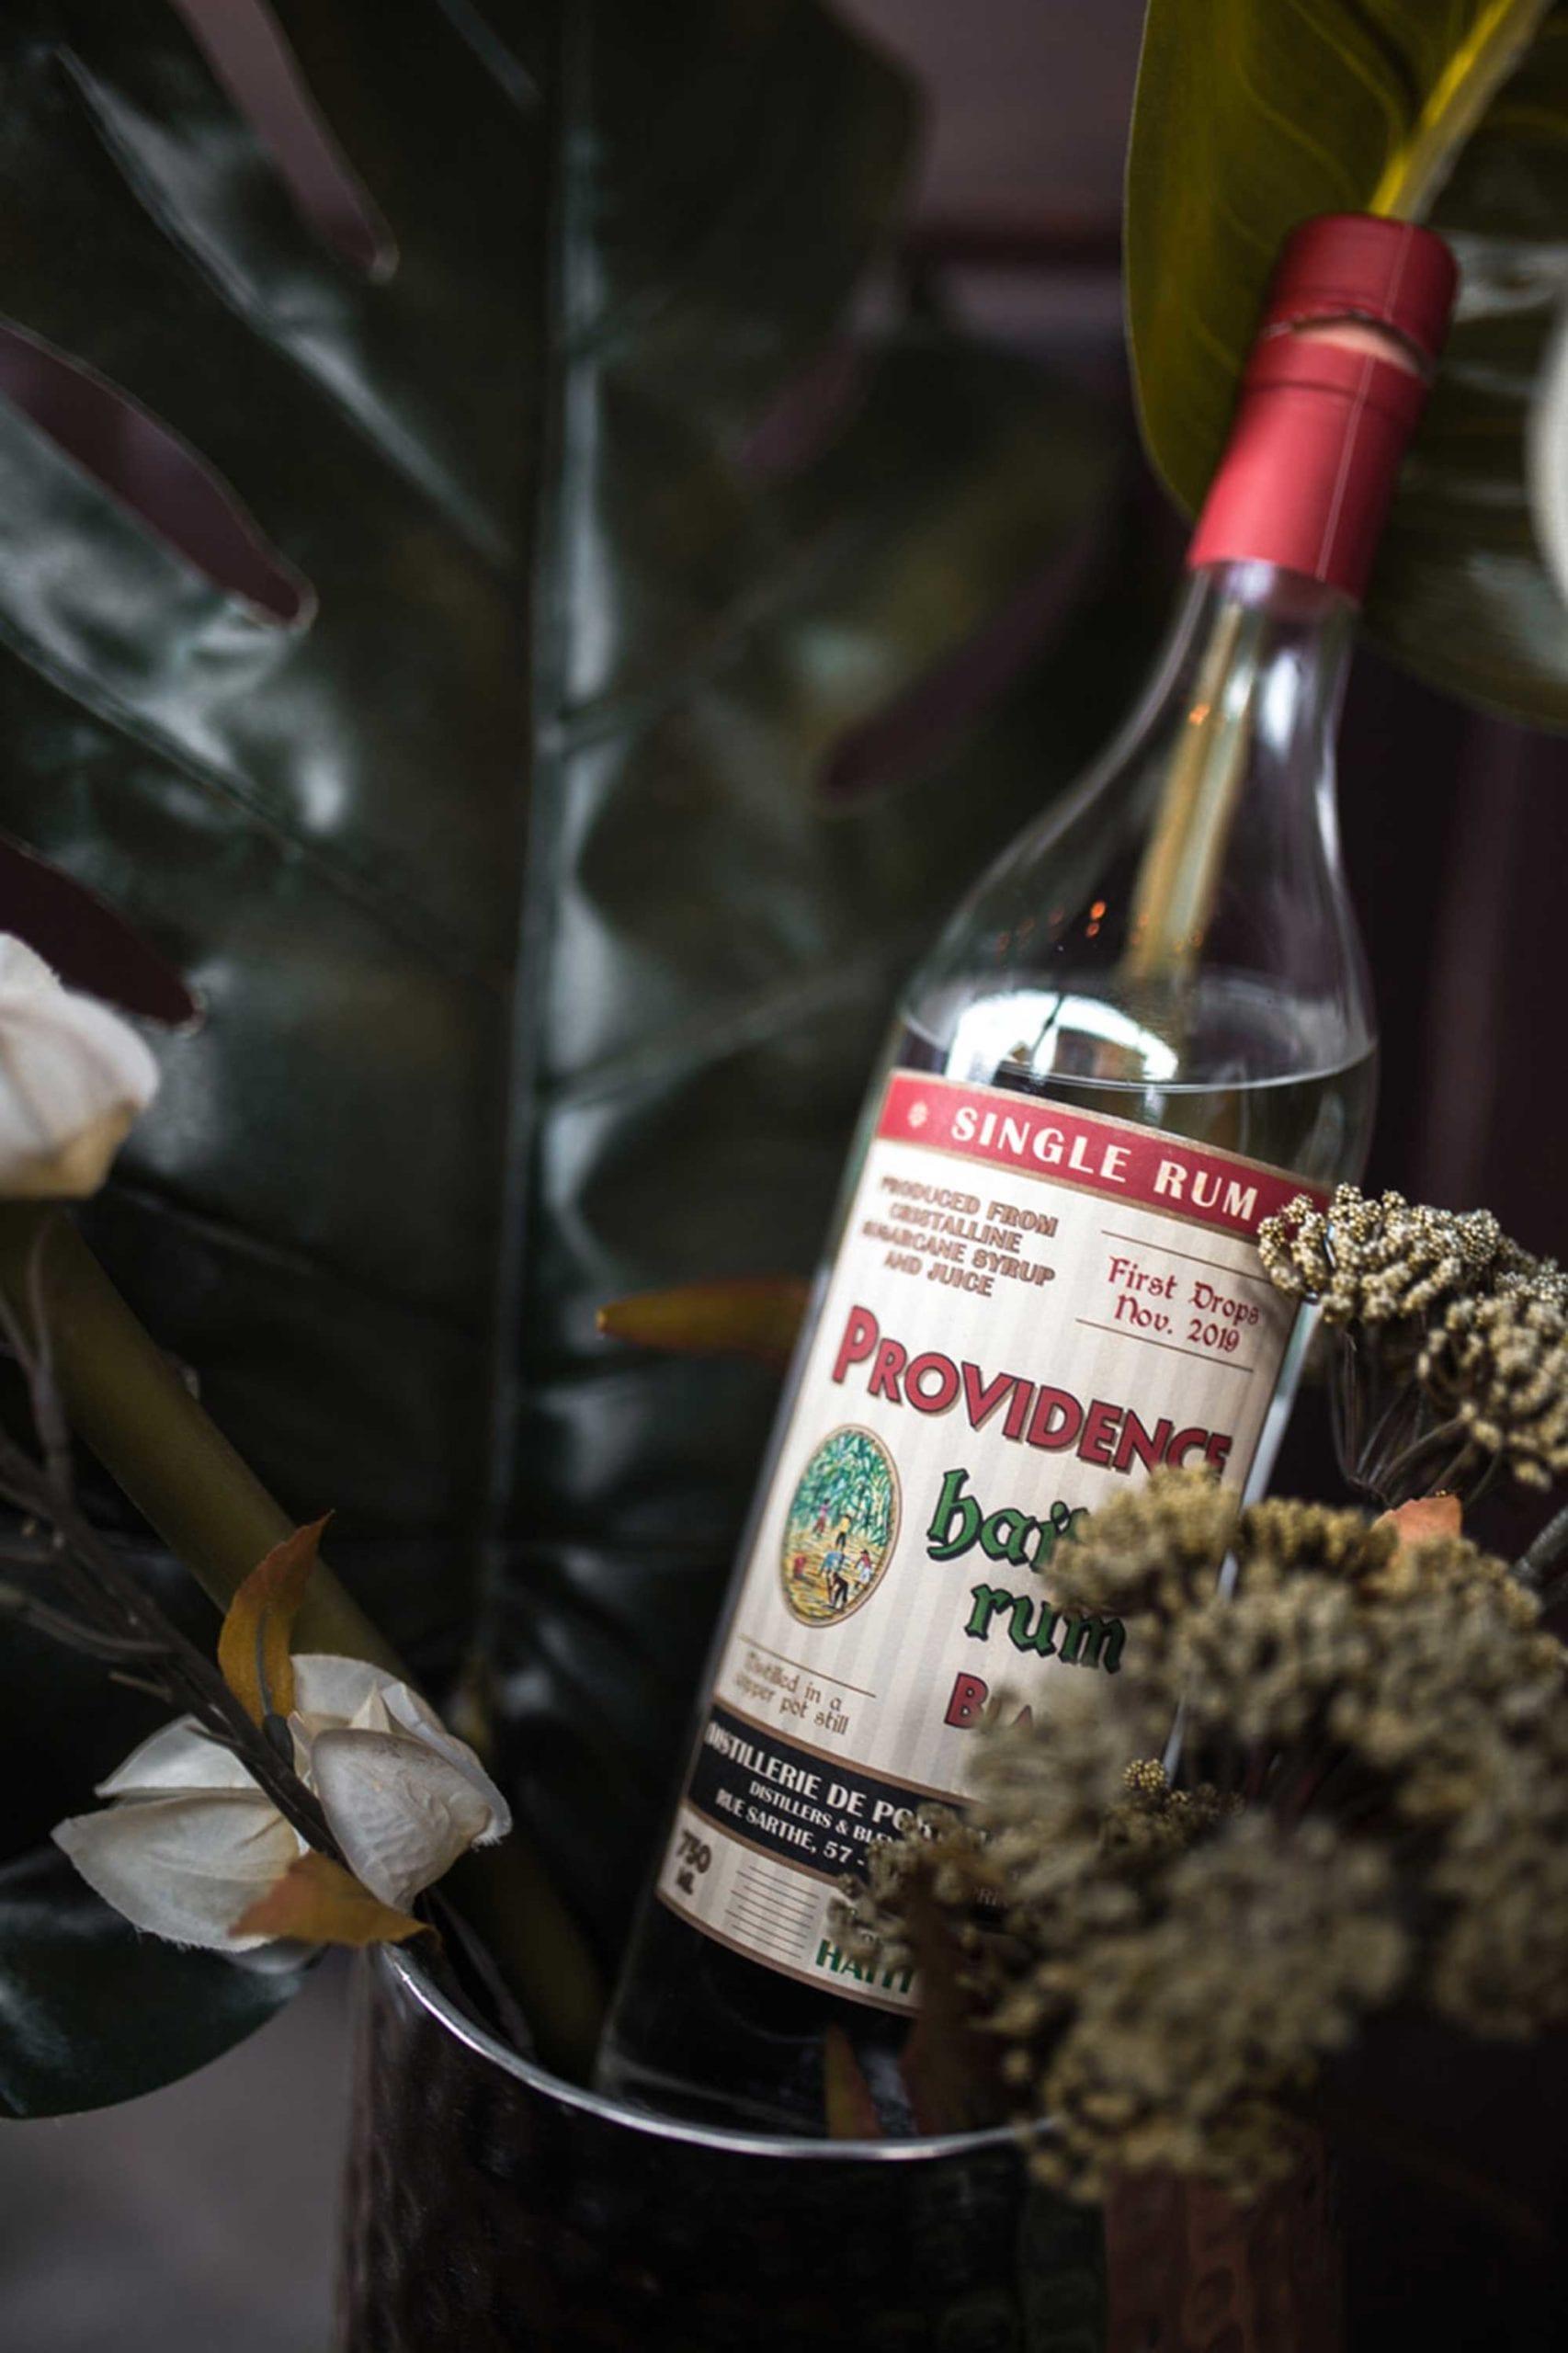 Providence Haitian Rum Blanc